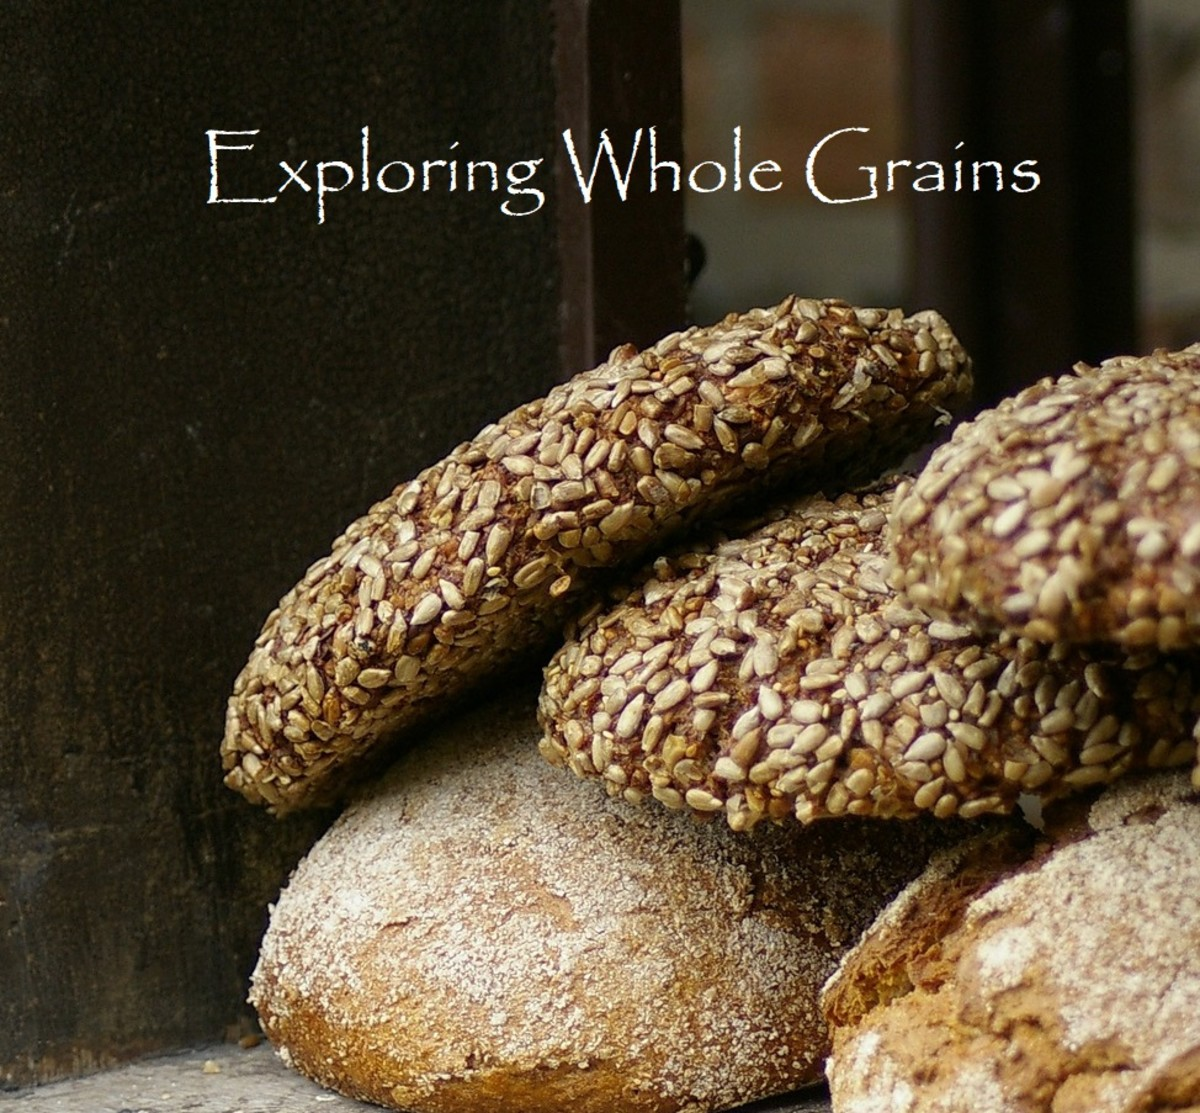 Exploring Whole Grains